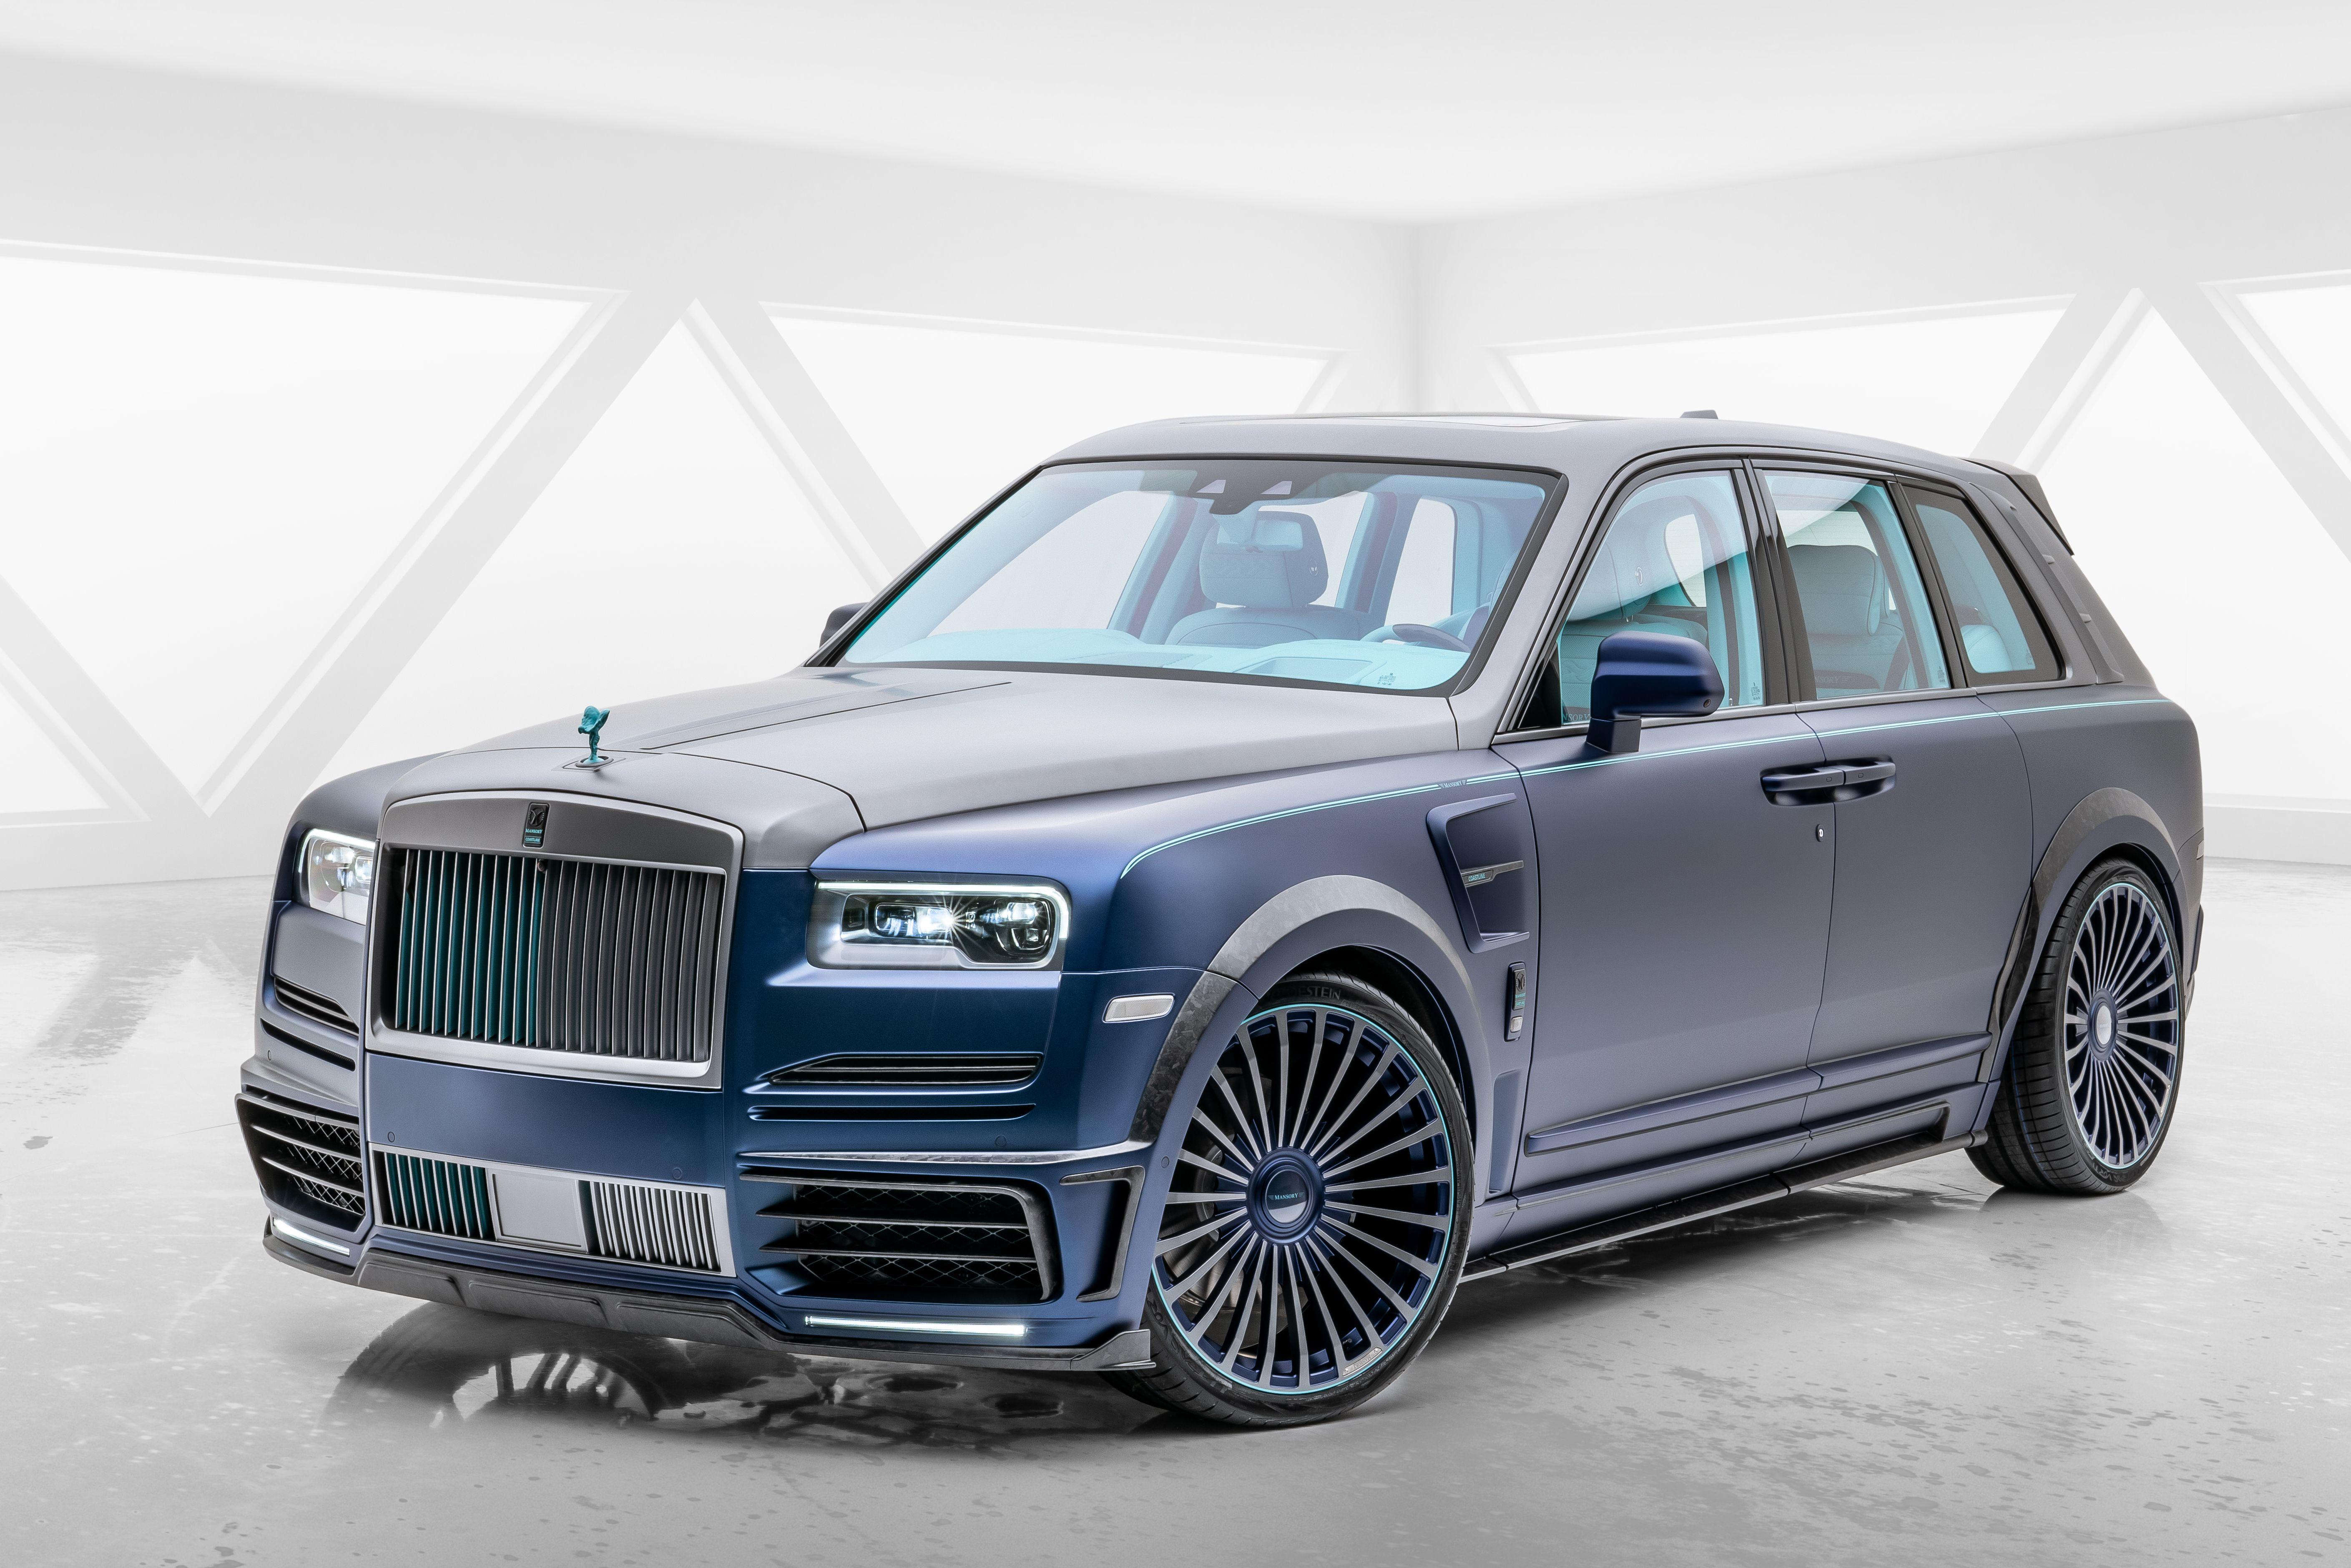 2020 Rolls Royce Cullinan Coastline By Mansory In 2020 Rolls